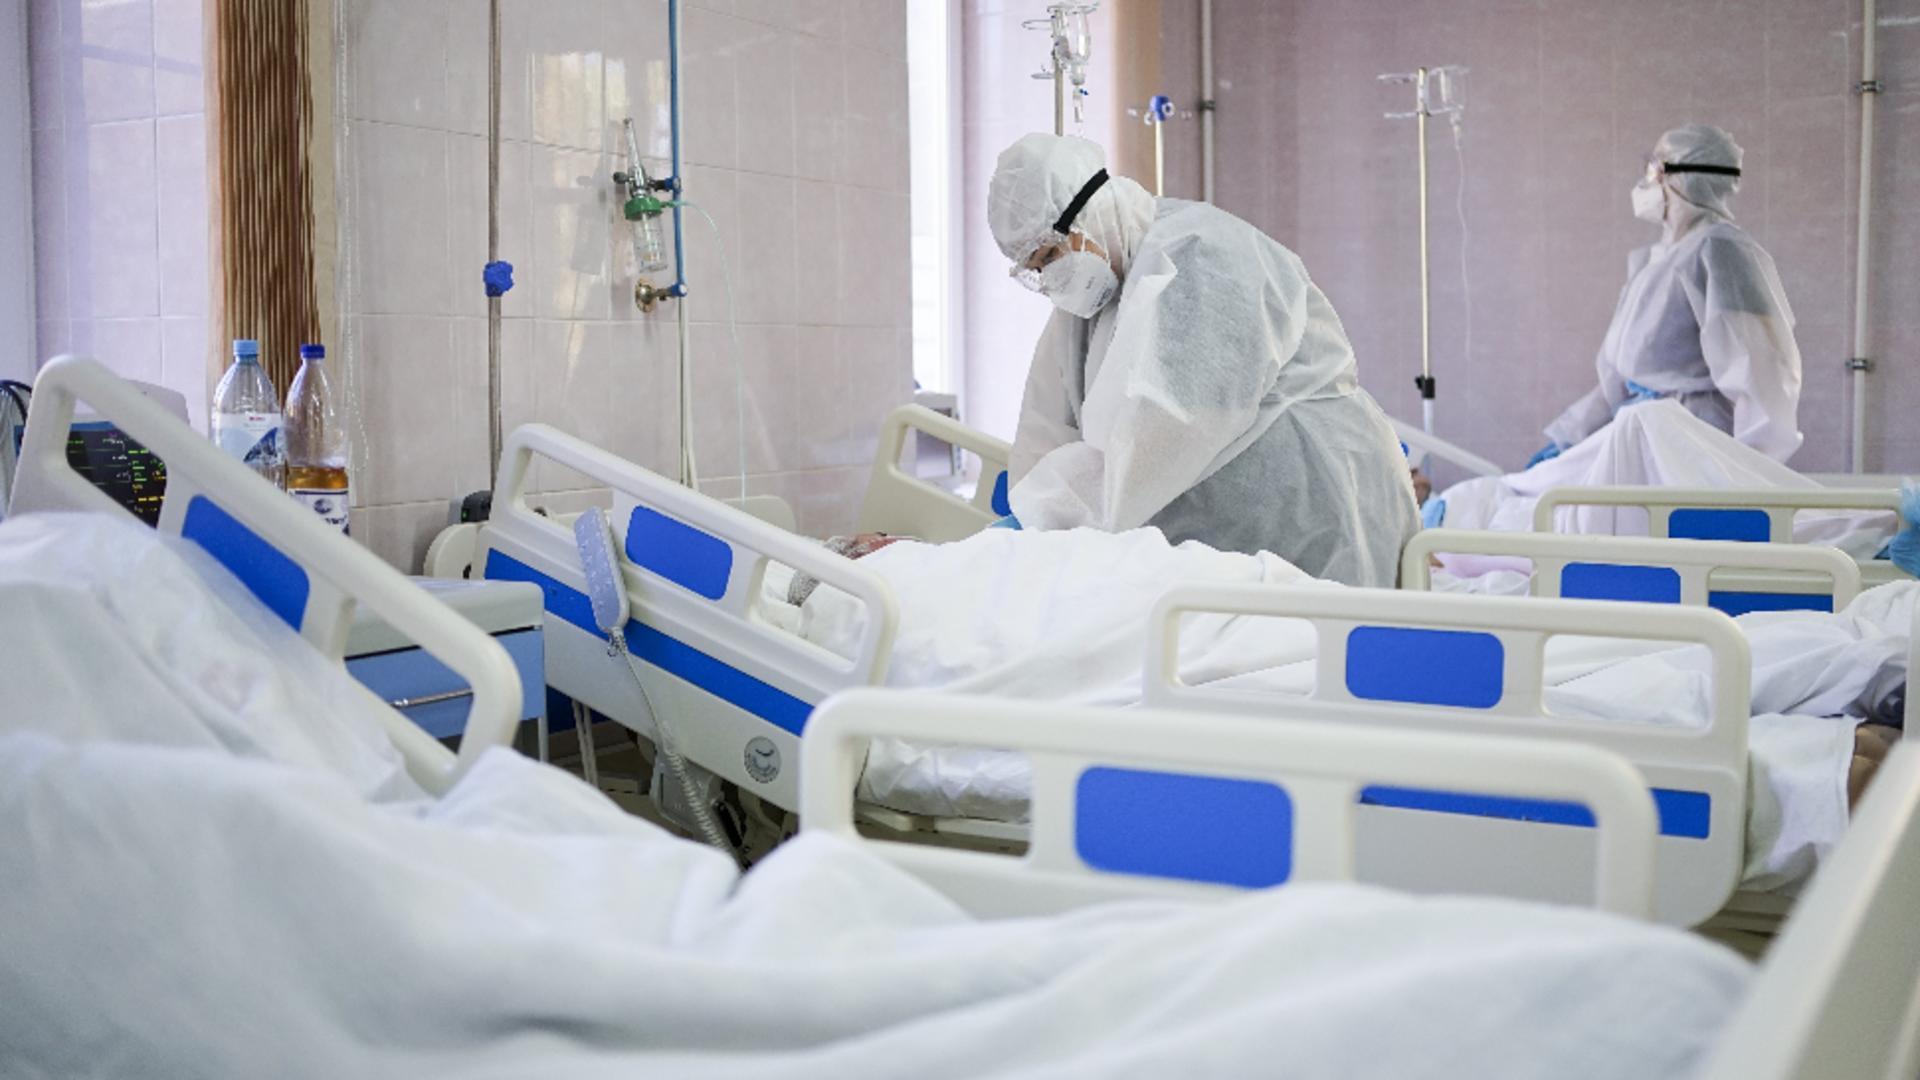 Criză de medici la Spitalul Judeţean din Brăila / FOTO: Profi Media